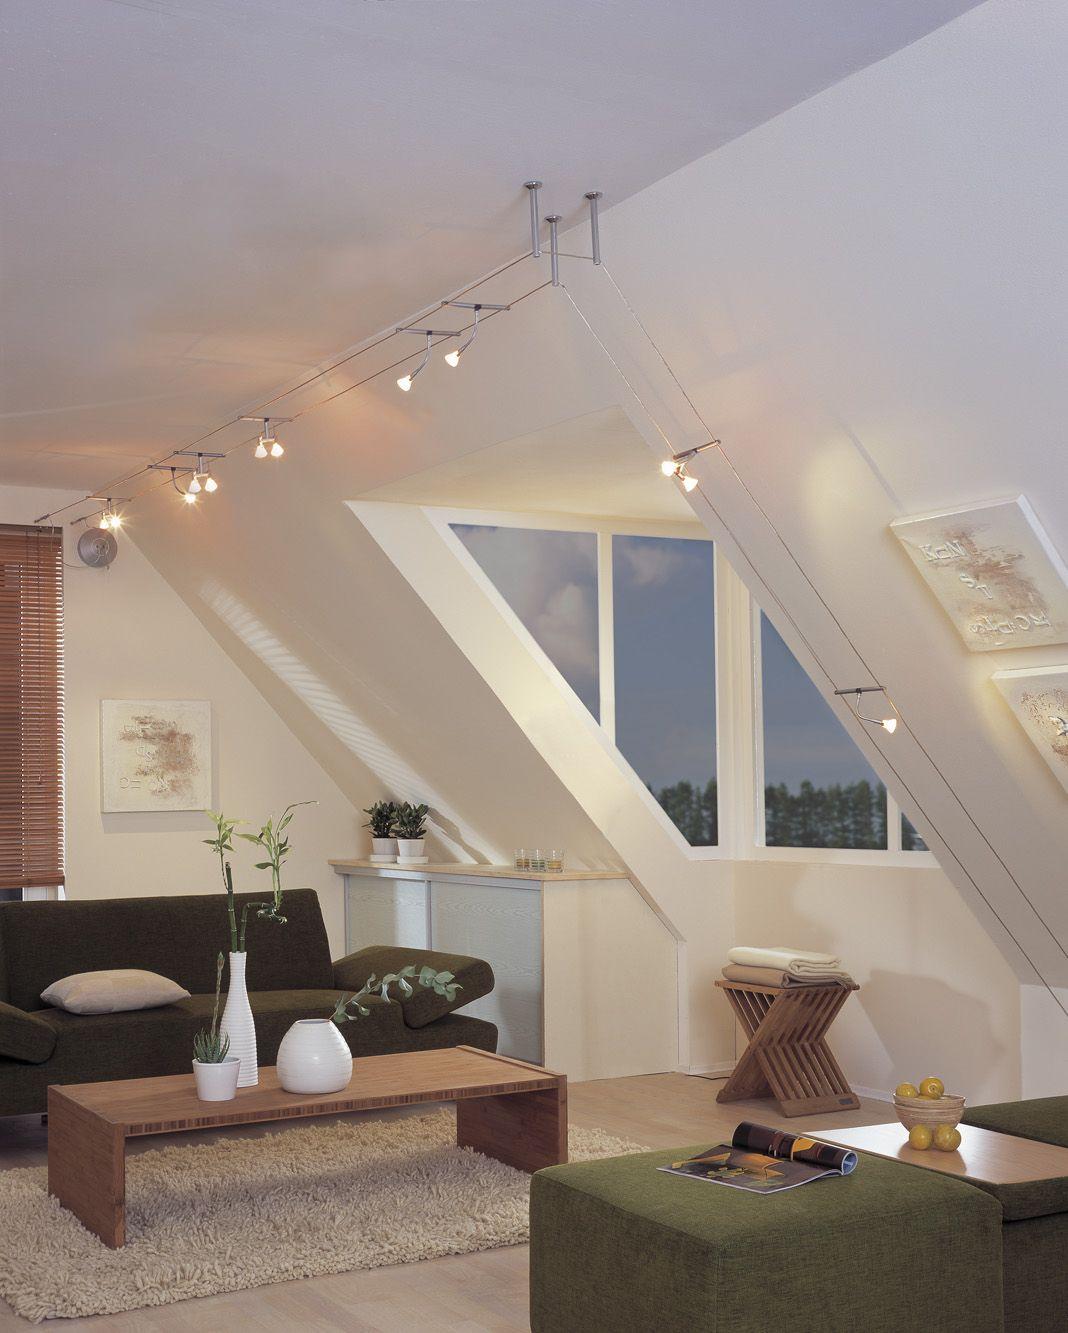 seilsystem lampen led seilsystem ikea. Black Bedroom Furniture Sets. Home Design Ideas